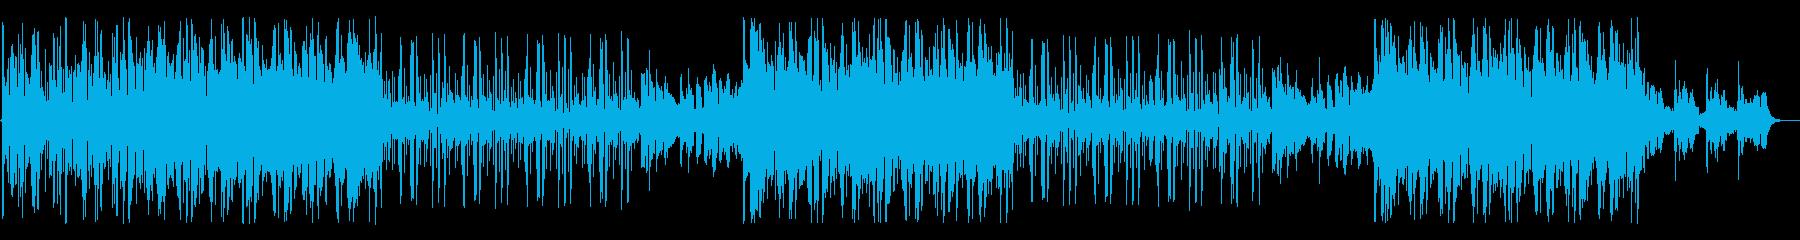 民族楽器を使ったジャズ風ローファイBGMの再生済みの波形